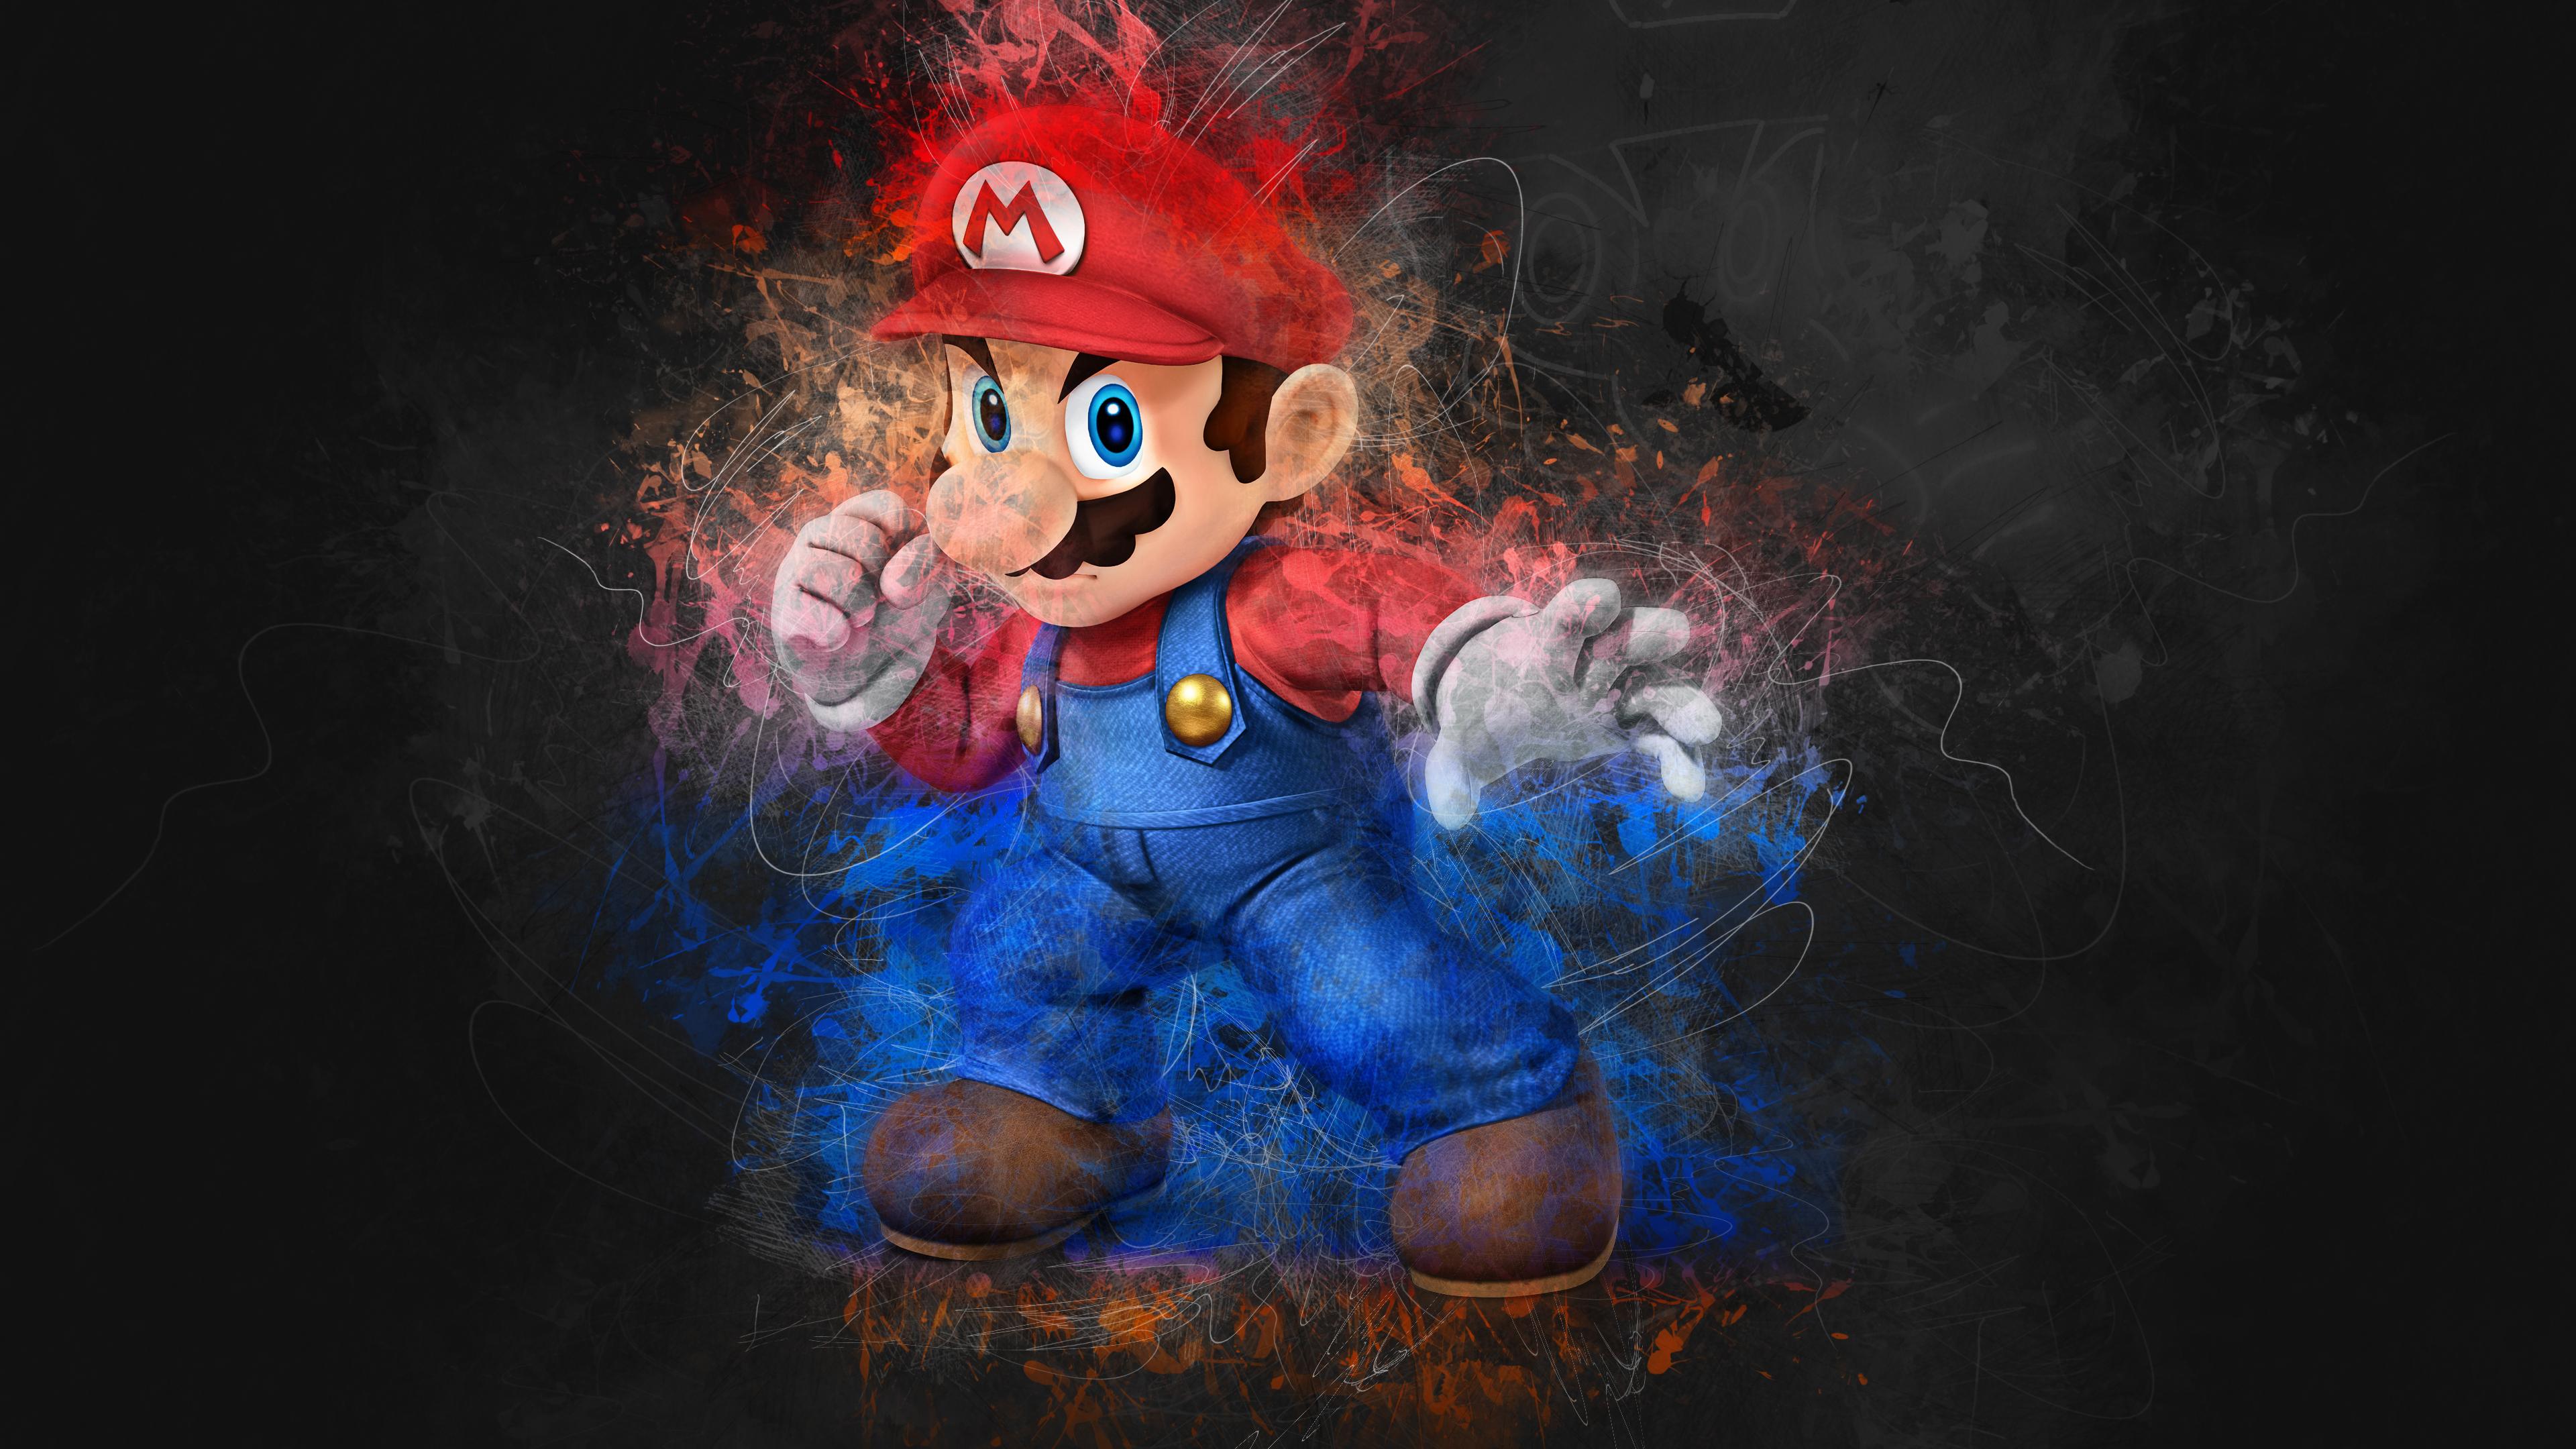 Mario Artwork 4k Hd Games 4k Wallpapers Images